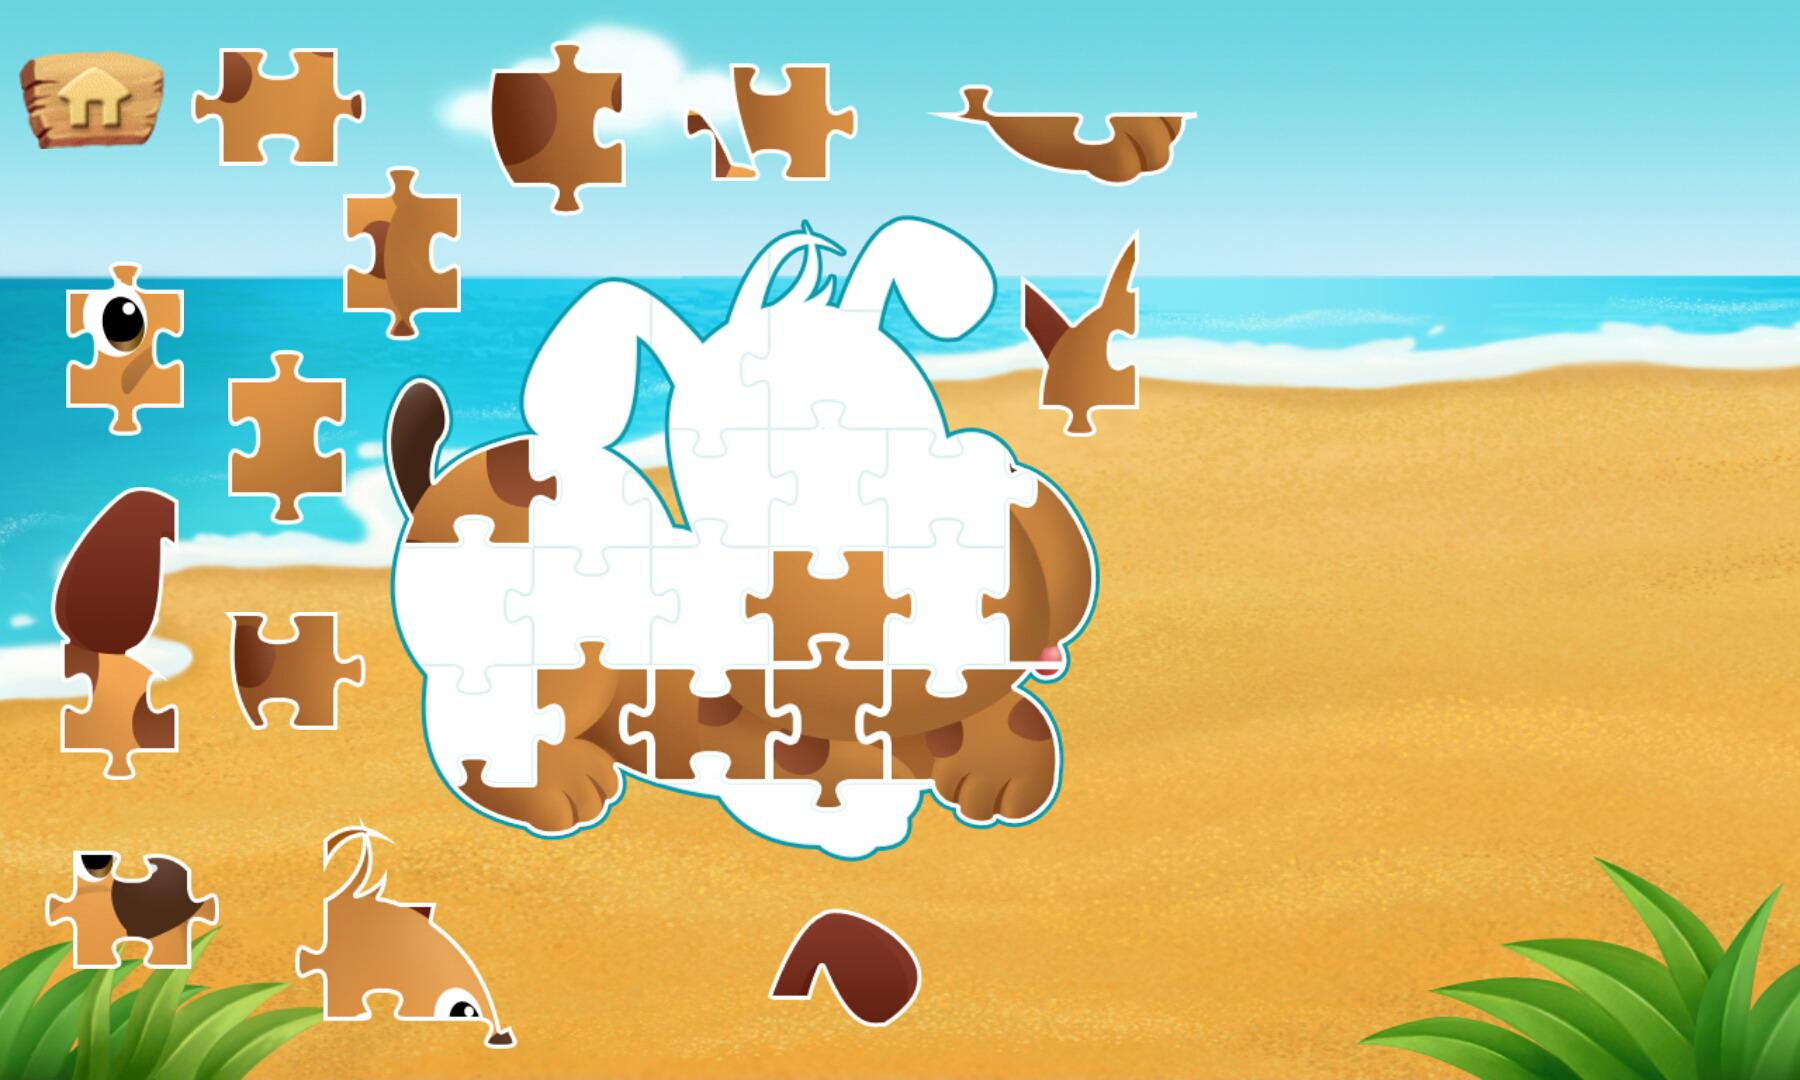 乐乐的神秘岛拼图游戏截图3